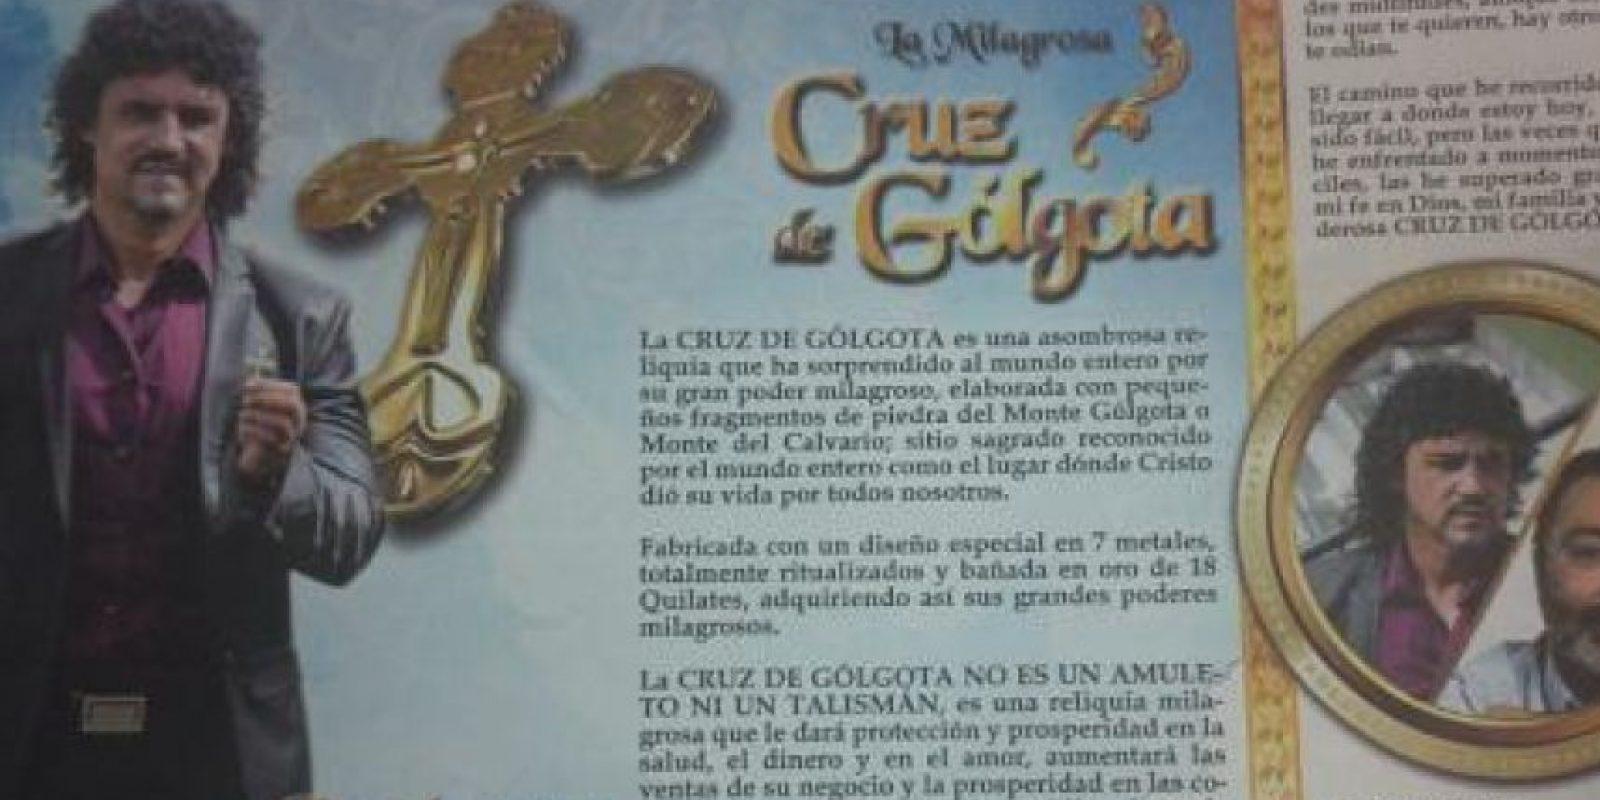 La Cruz de Golgota, que supuestamente estaba hecha con piedras del monte en el que murió Jesús, prometía milagros que no realizaba y fue multada con más de mil millones de pesos.